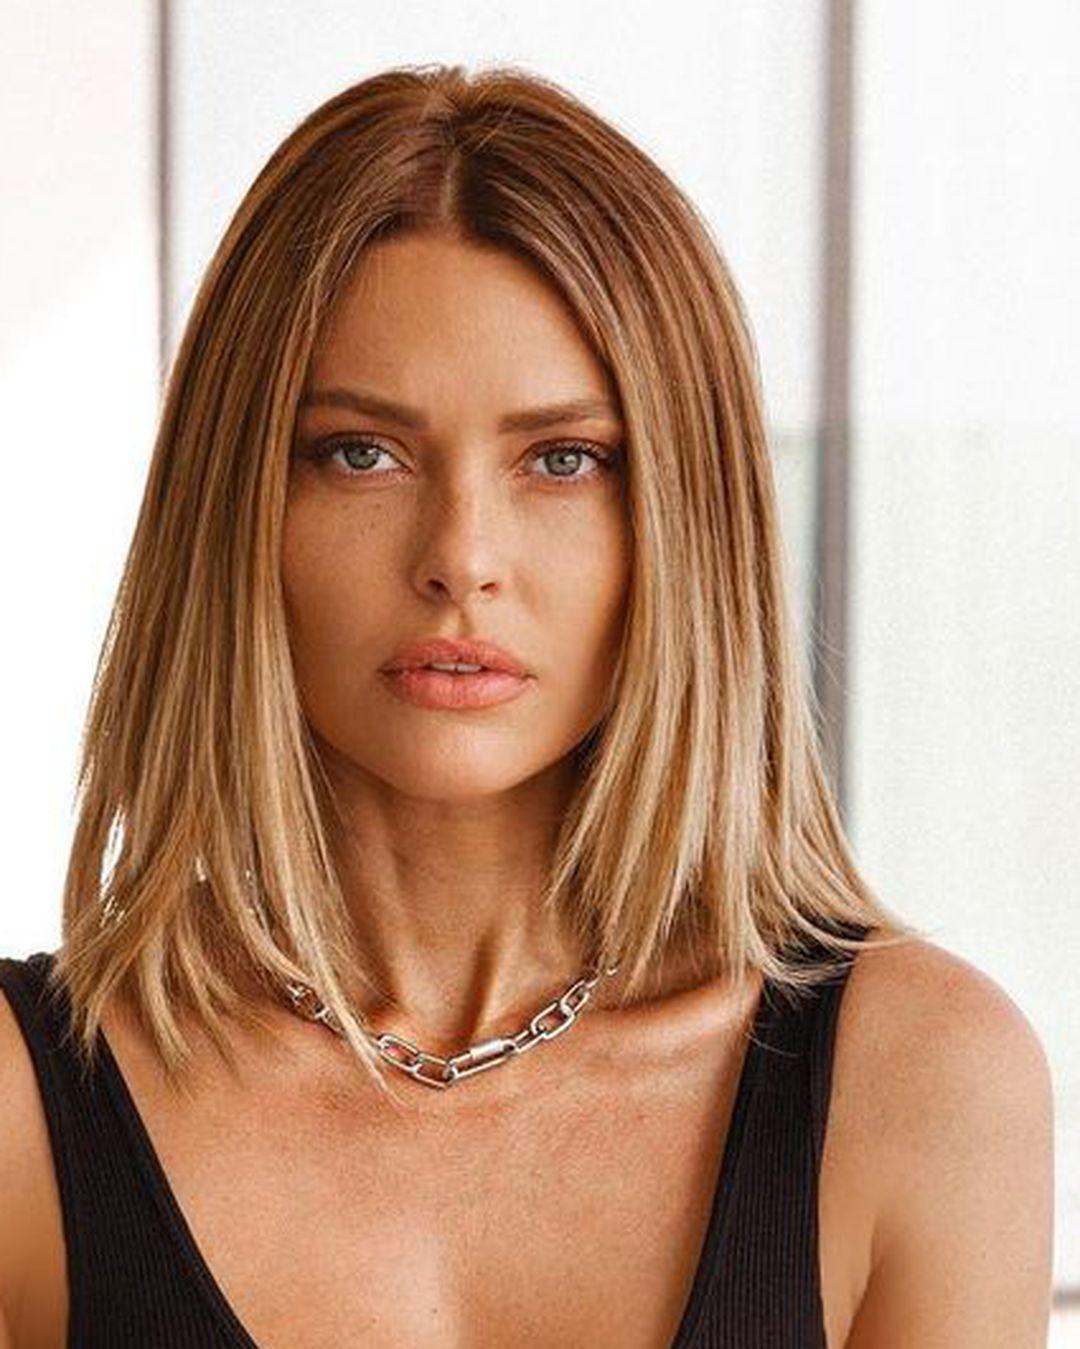 Razmišljate o novoj frizuri koju je stvarno jednostavno održavati? Isprobajte blunt lob, izgleda jako chic!